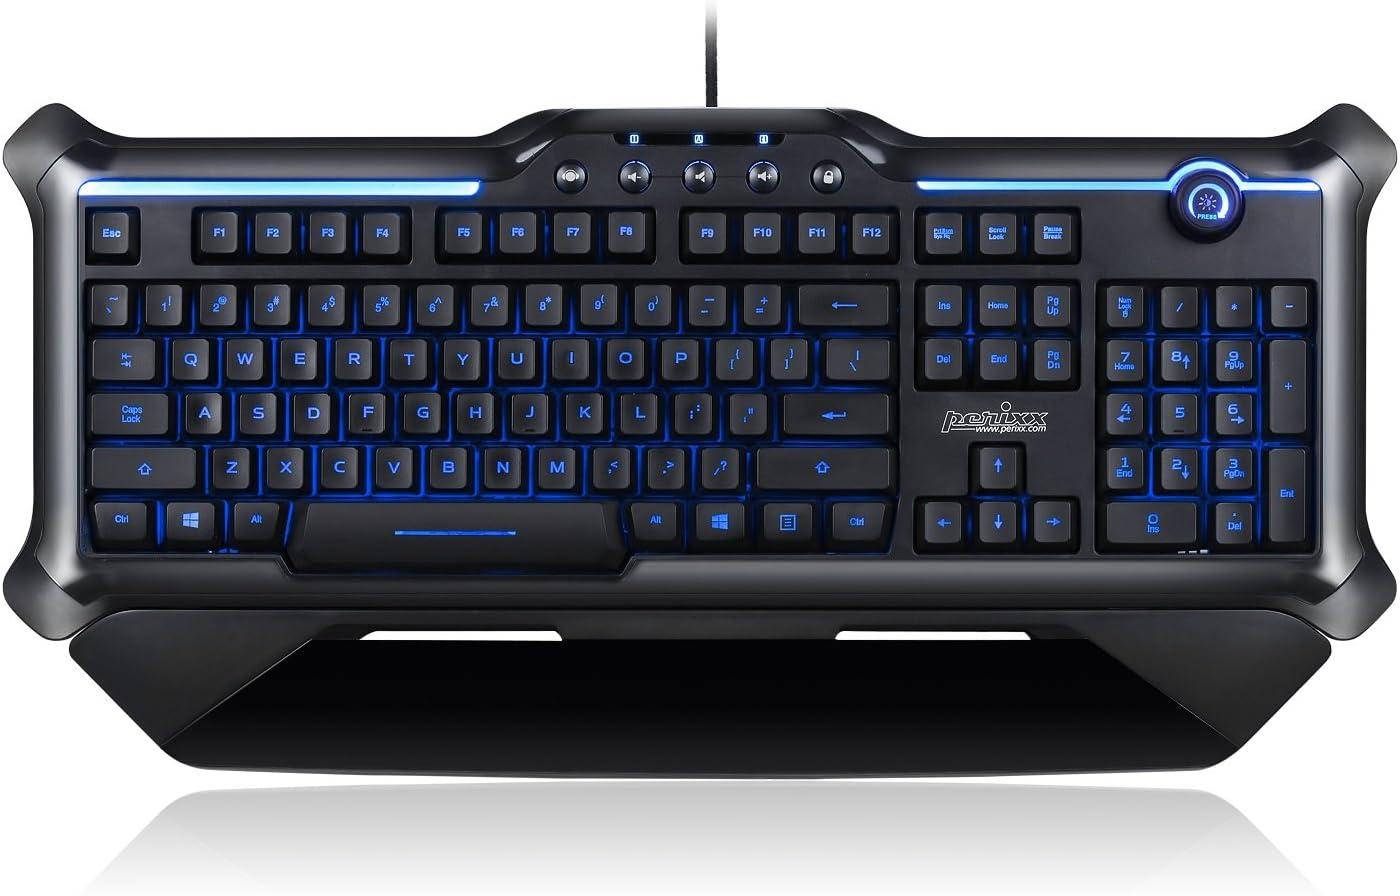 Perixx PX-1200, Teclado retroiluminado para Videojuegos, 18 Teclas antighosting, Teclas con iluminación roja/Azul/Morado, diseño inglés del Reino ...